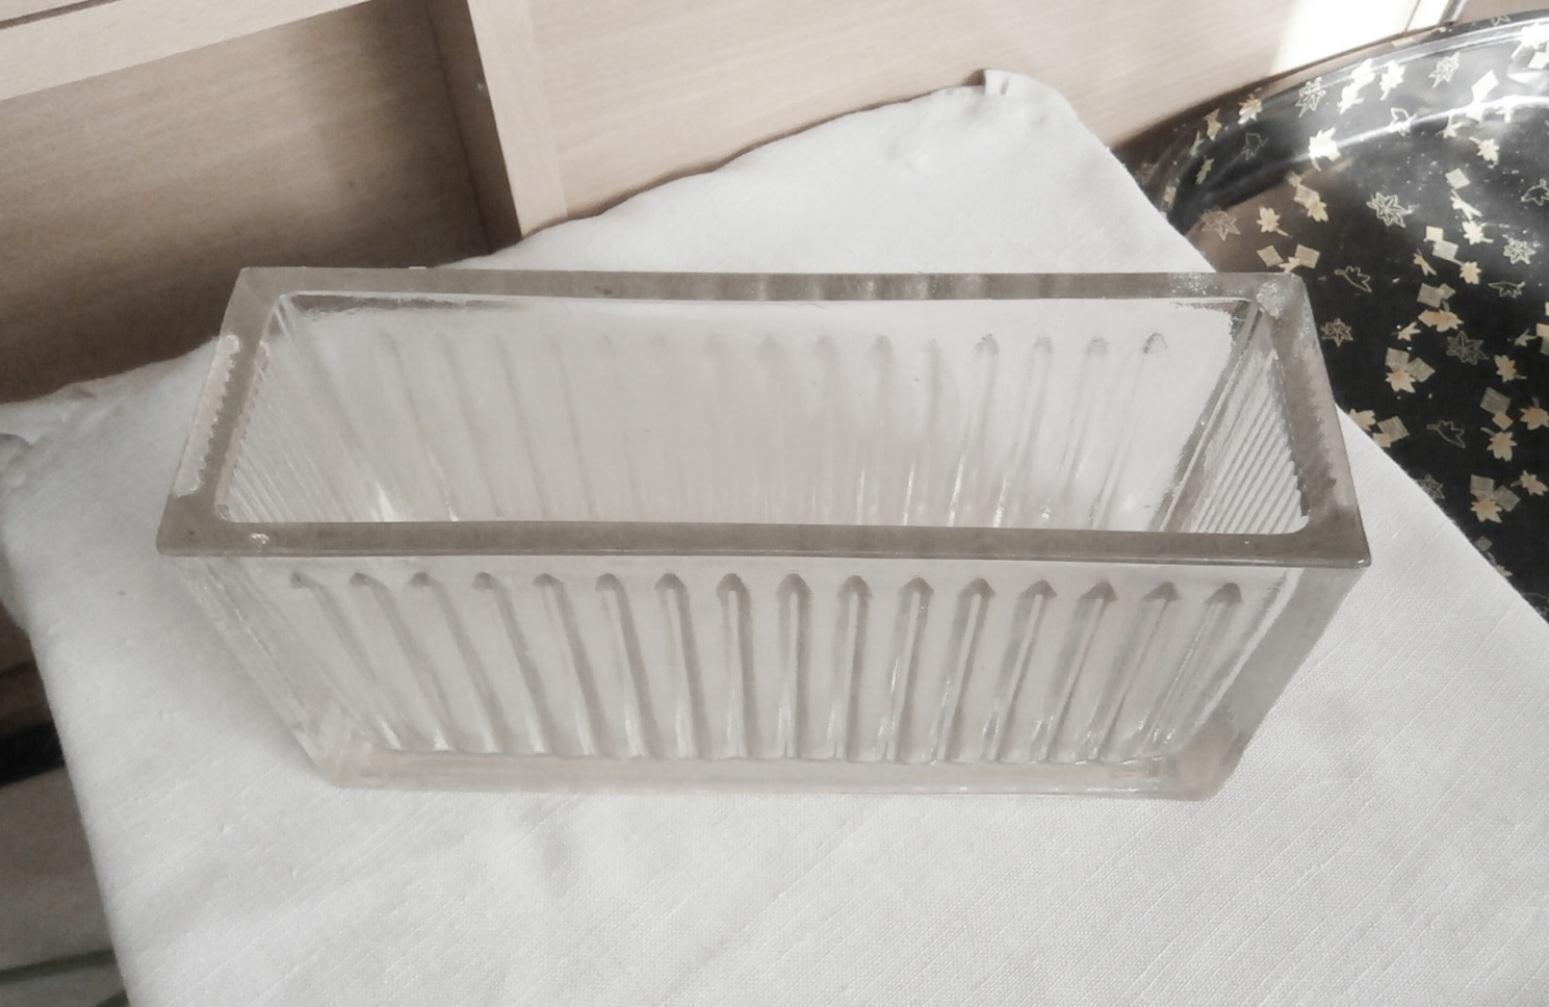 Žardinka z litého skla - Obrázek č. 1